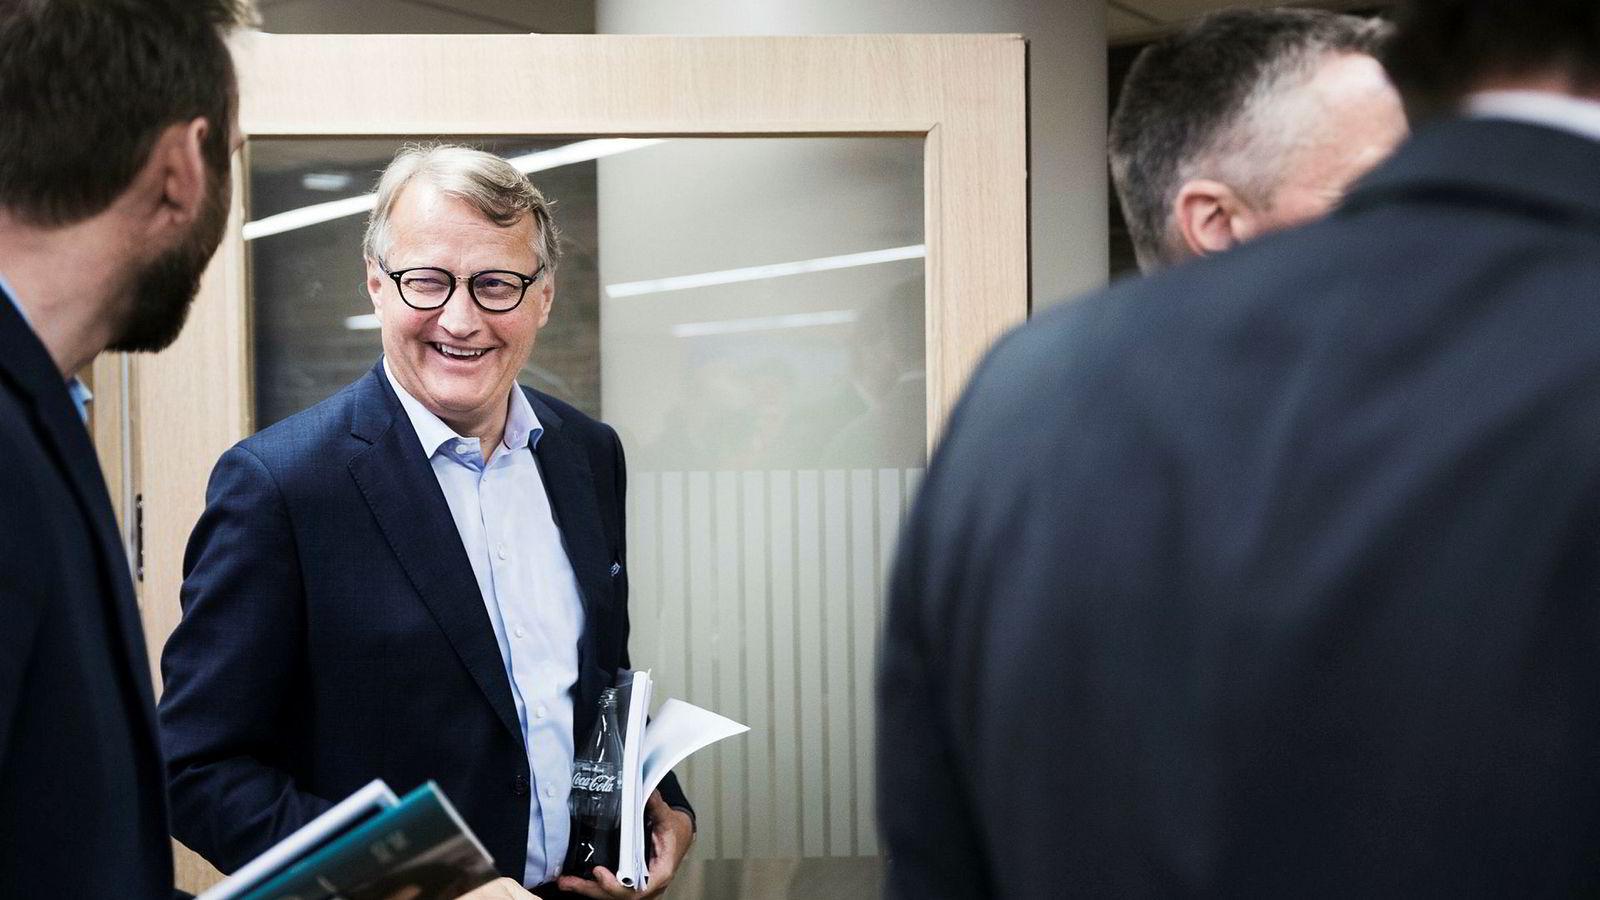 Råd til mer til de ansatte? Finansforbundet mener konsernsjef Rune Bjerke bør punge ut. DNB ønsker ikke å svare.